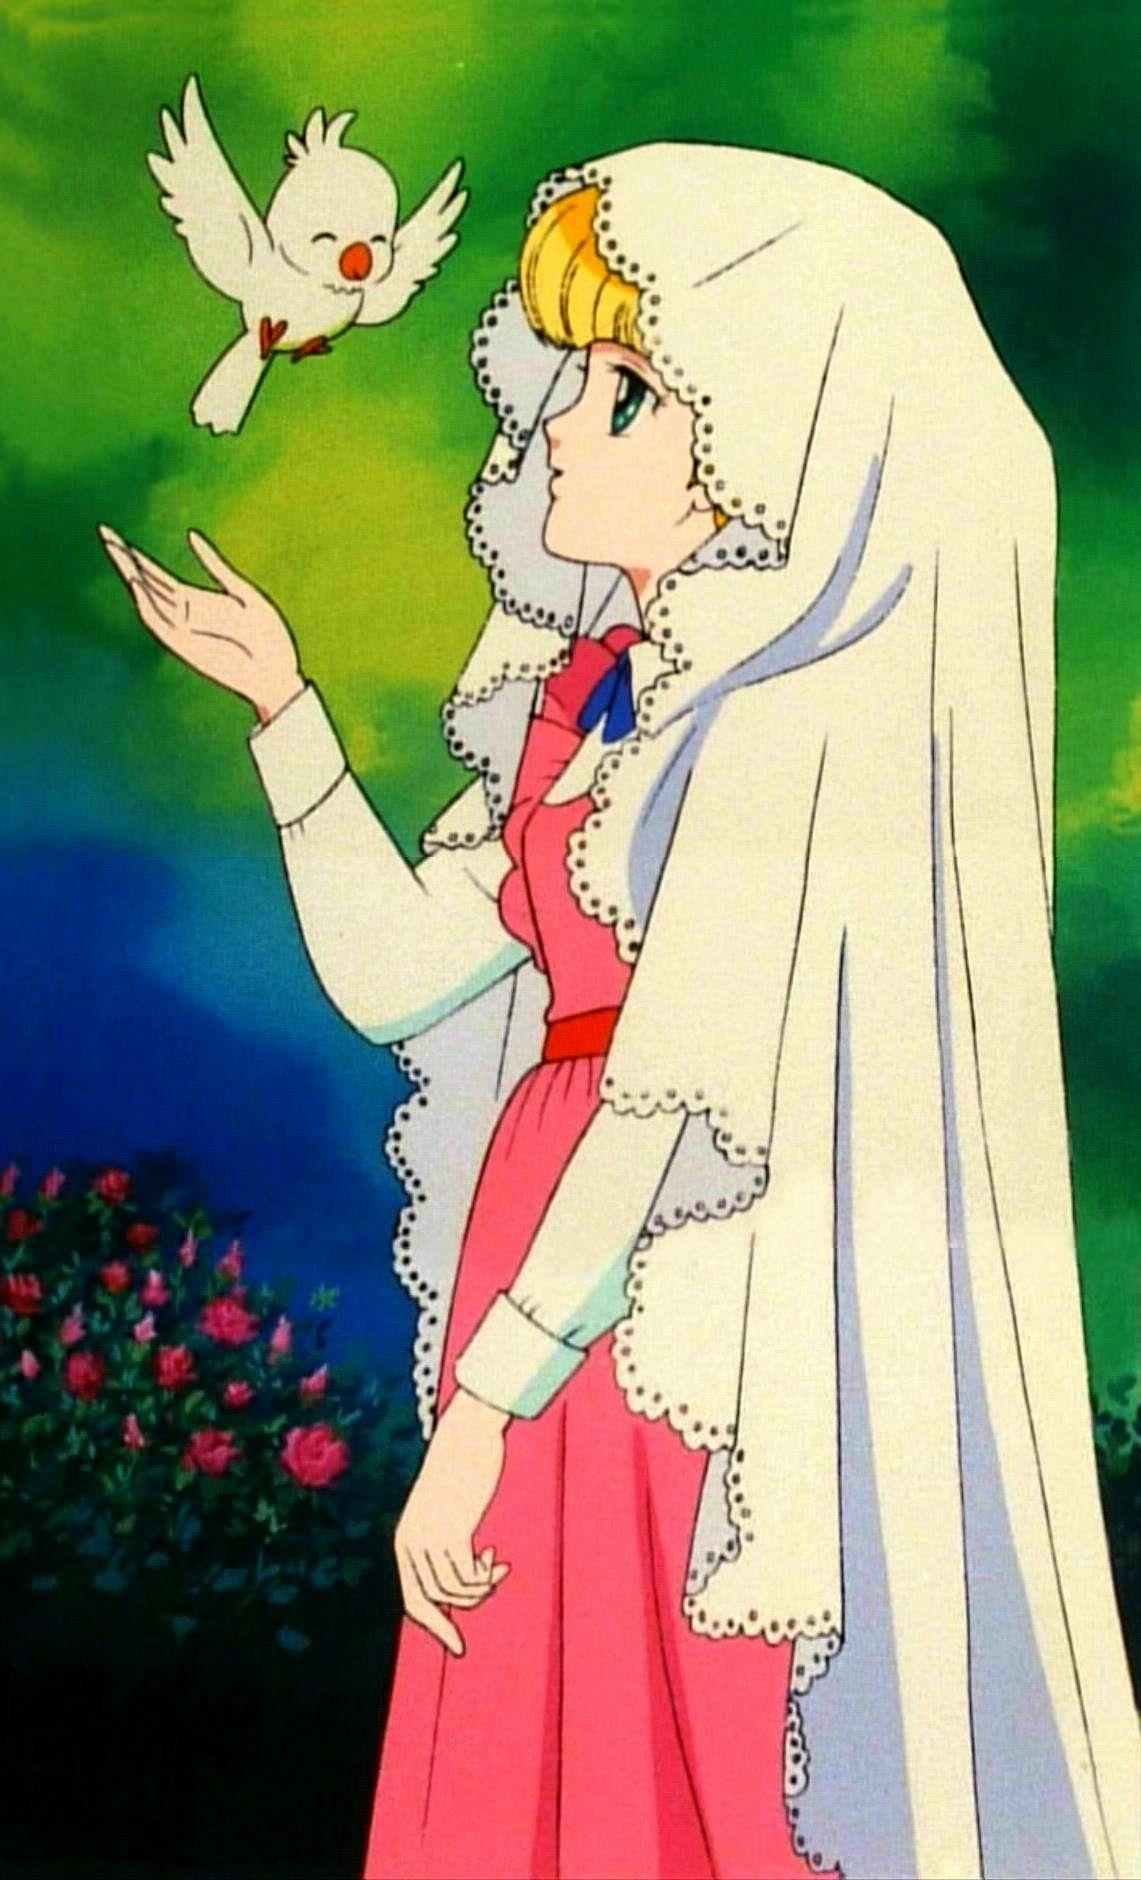 الفتاة الجميله زهرة الجبل Dvd20000043 Jpg Aesthetic Anime My Little Pony Unicorn Anime Akatsuki